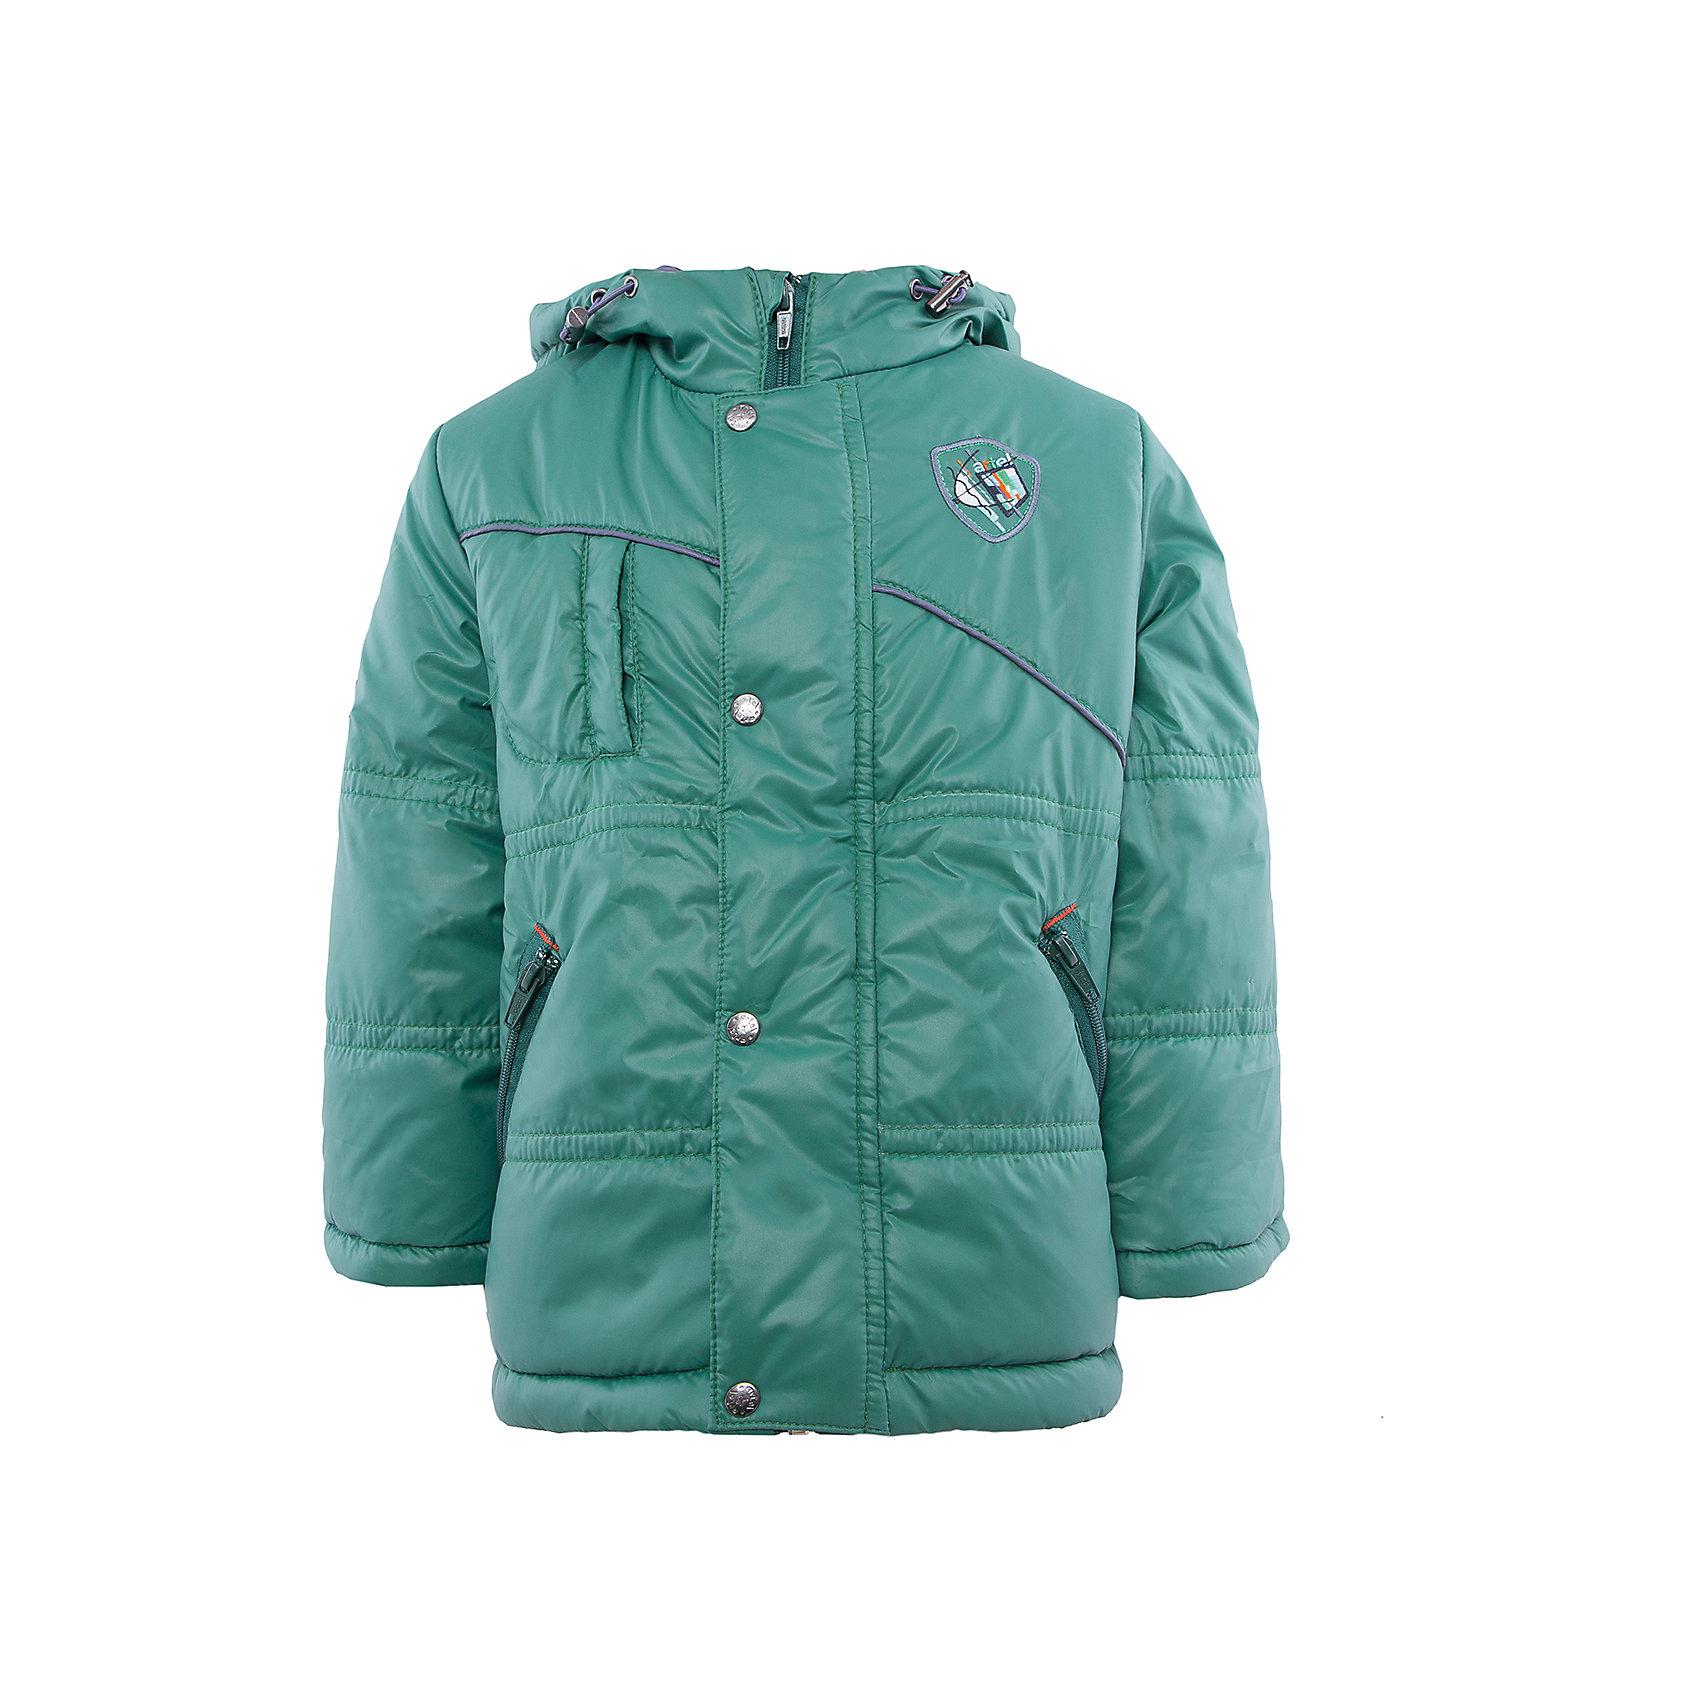 Куртка для мальчика АртельКуртка для мальчика от известного бренда Артель<br>Куртка прямого силуэта. Капюшон втачной с регулируемой кулиской. Манжета рукава отворотная, регулируется по длине. Но низу куртка собирается на резинку- кулиску.<br>Состав:<br>Верх: 819 YSD<br>Подкладка: интерлок,тиси<br>Утеплитель: термофайбер 200гр<br><br>Ширина мм: 356<br>Глубина мм: 10<br>Высота мм: 245<br>Вес г: 519<br>Цвет: зеленый<br>Возраст от месяцев: 24<br>Возраст до месяцев: 36<br>Пол: Мужской<br>Возраст: Детский<br>Размер: 98,104,110,116,122<br>SKU: 4963596